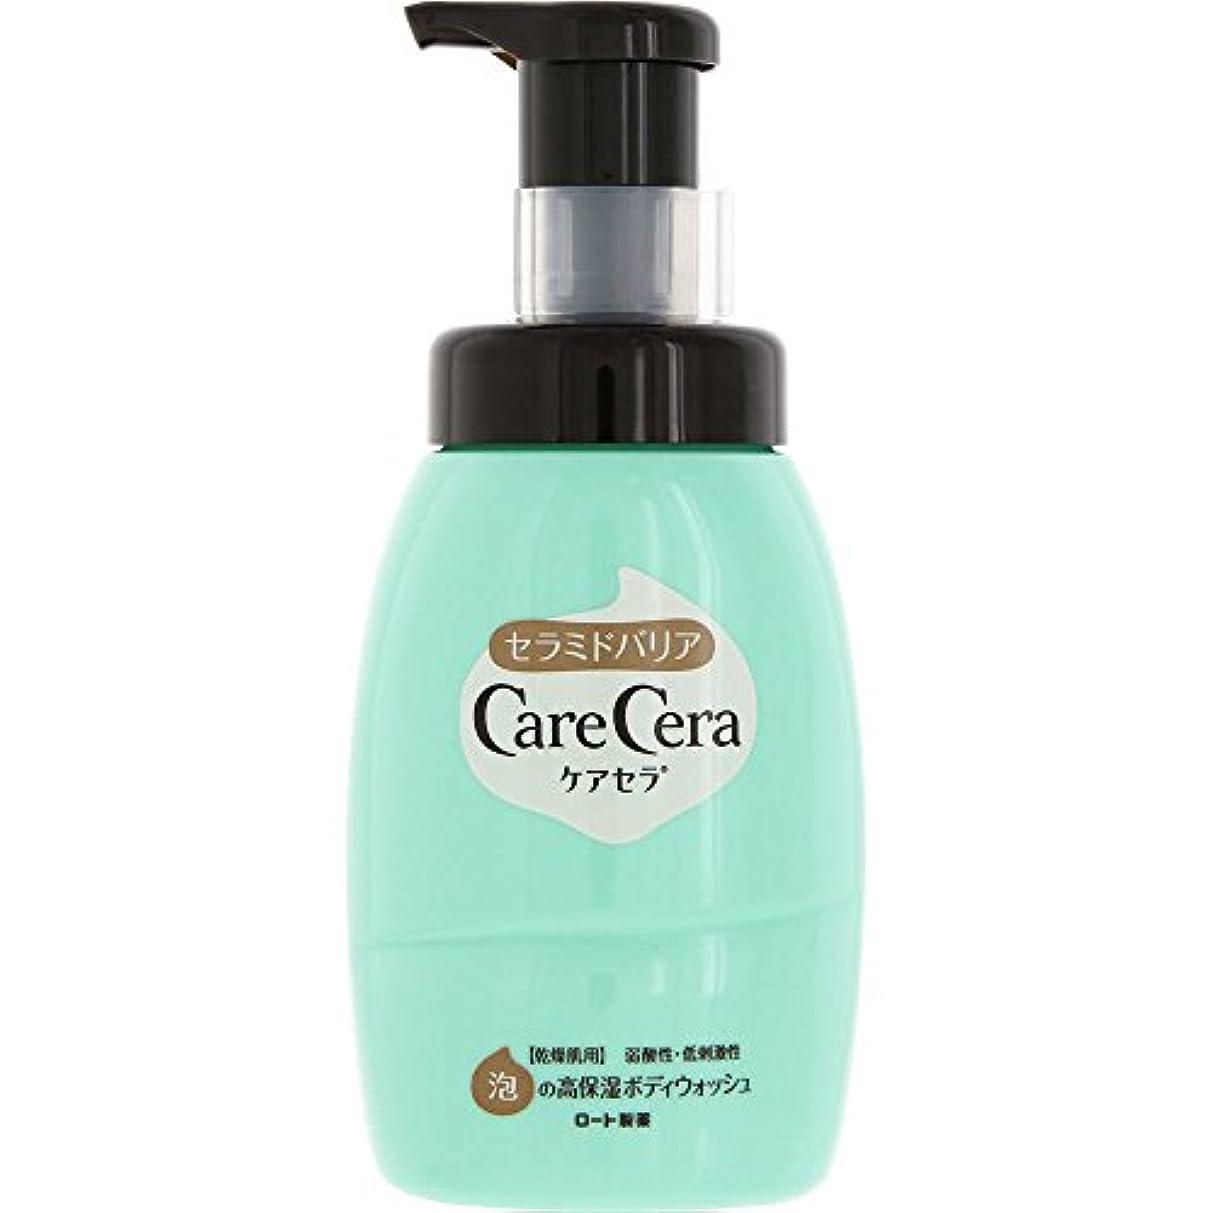 交換可能インカ帝国抽象化CareCera(ケアセラ) 泡の高保湿 ボディウォッシュ 450mL